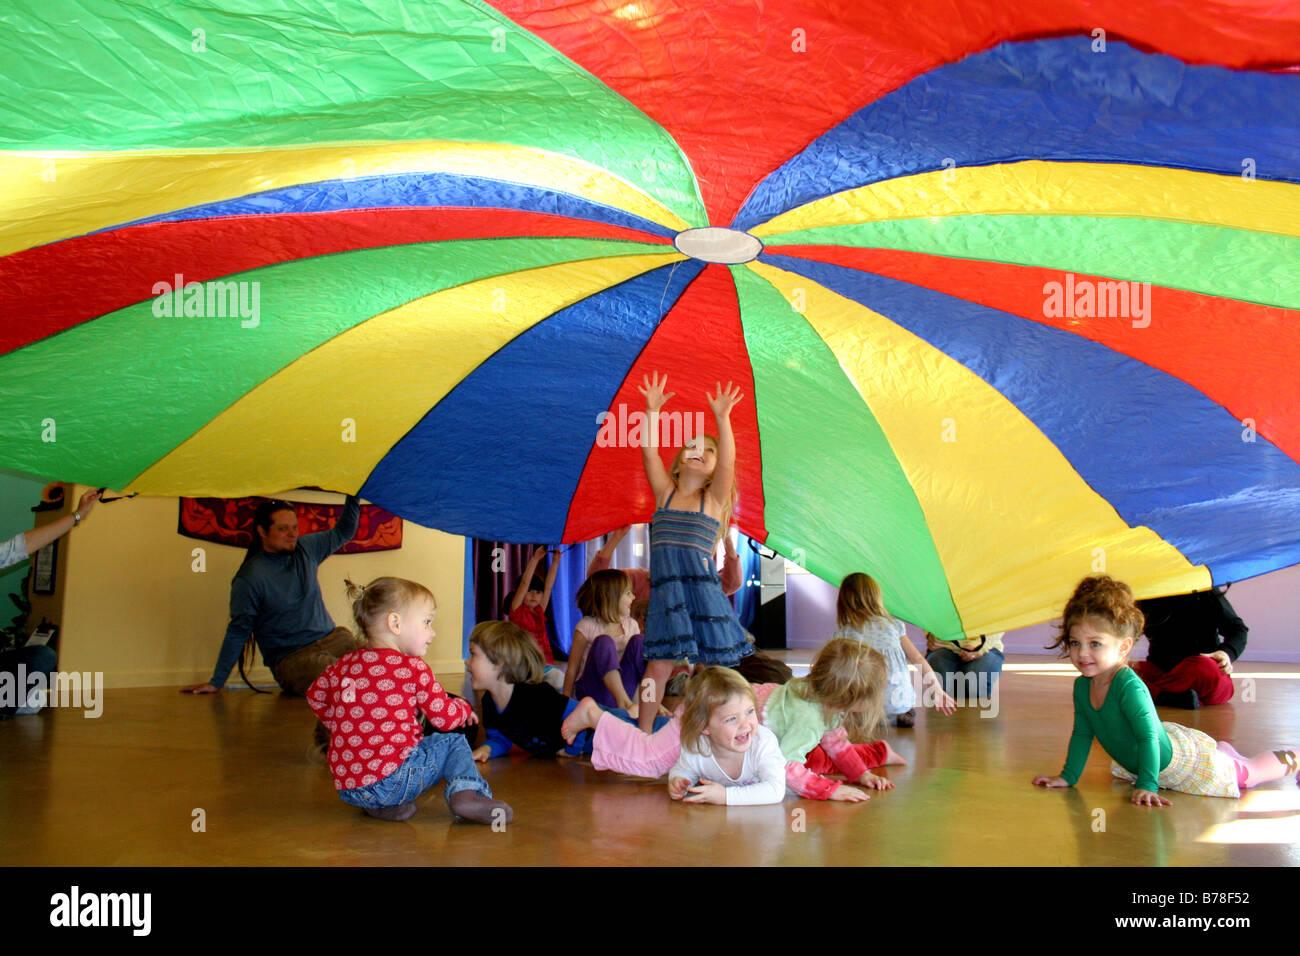 Veröffentlicht unter erhobenen bunten Fallschirm im Spiel Gruppe California spielende Kinder Stockbild